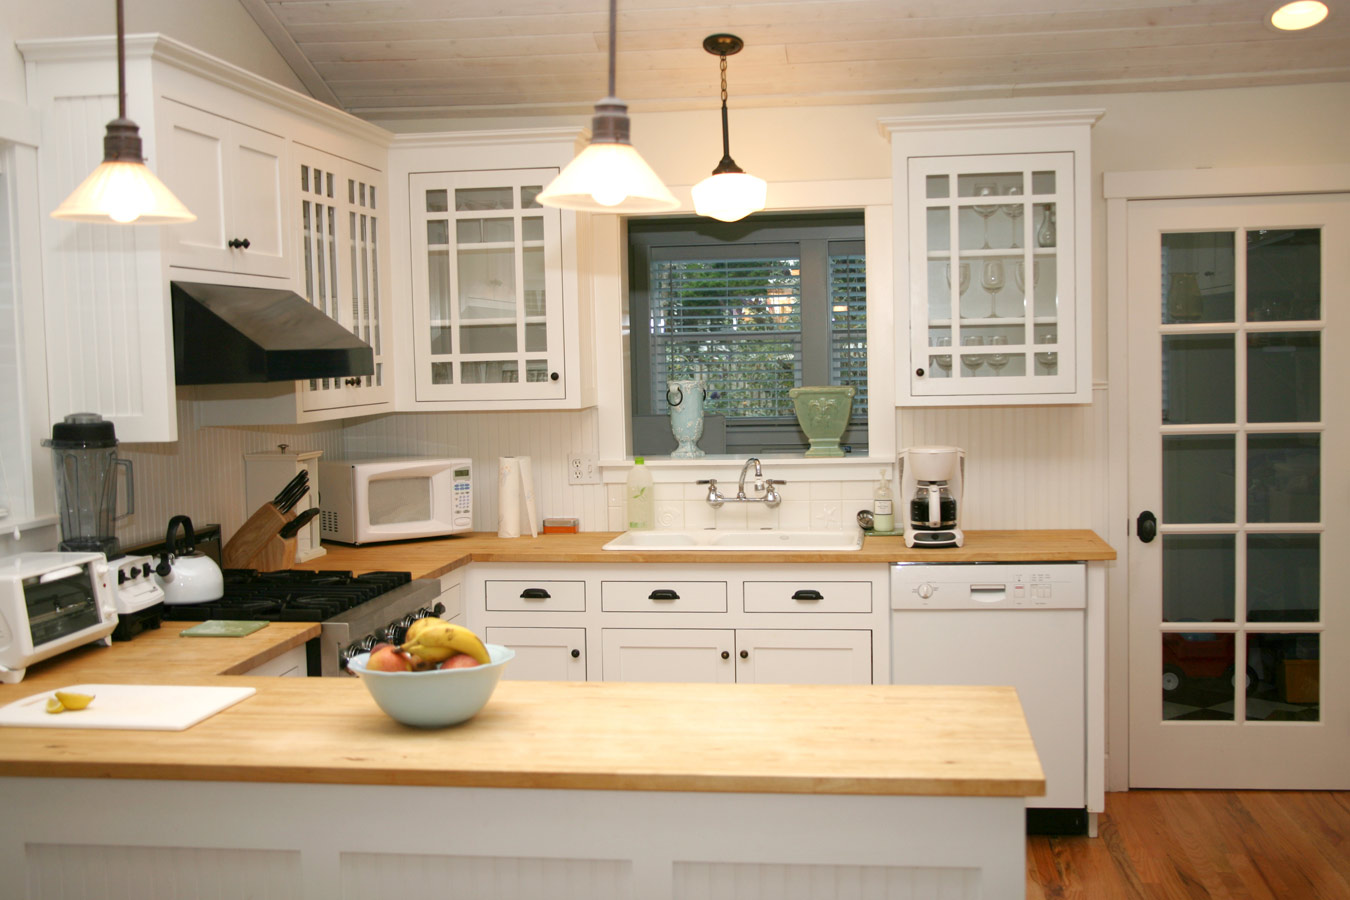 Grijze Keuken Met Houten Blad : Houten werkblad in de keuken Tips & soorten hout